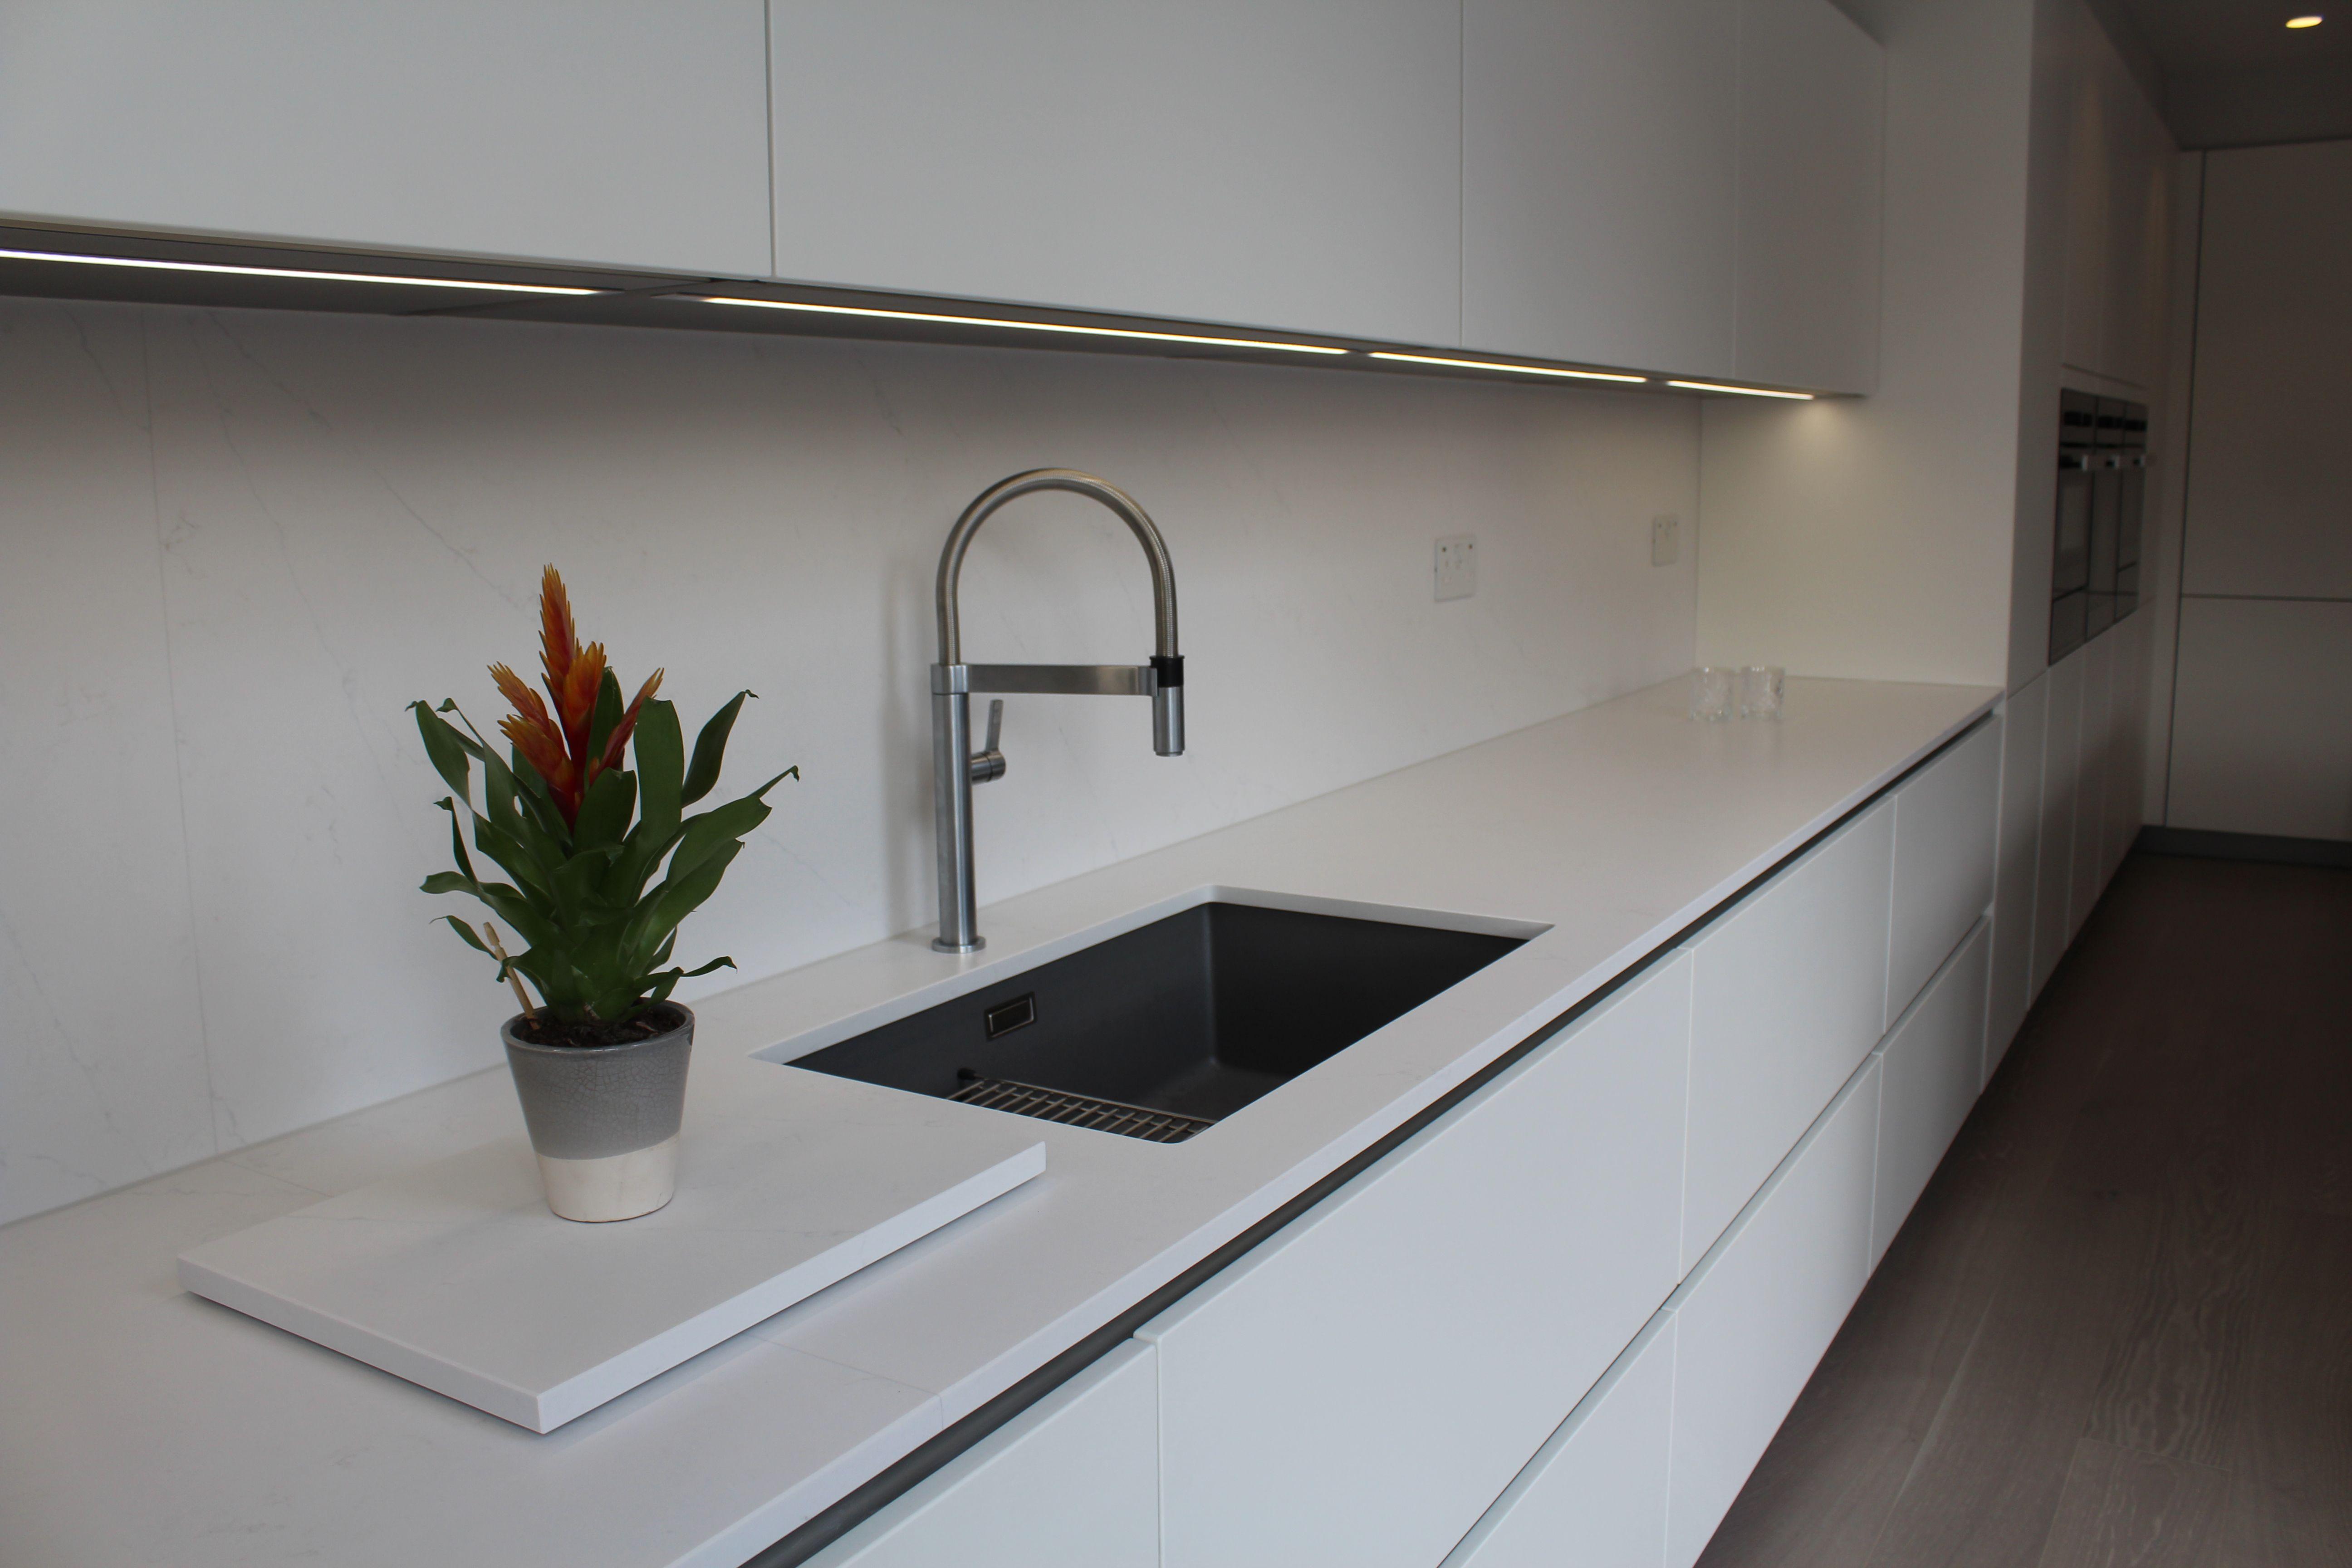 German Made True Handless Kitchen In Matt Blanco Sink And